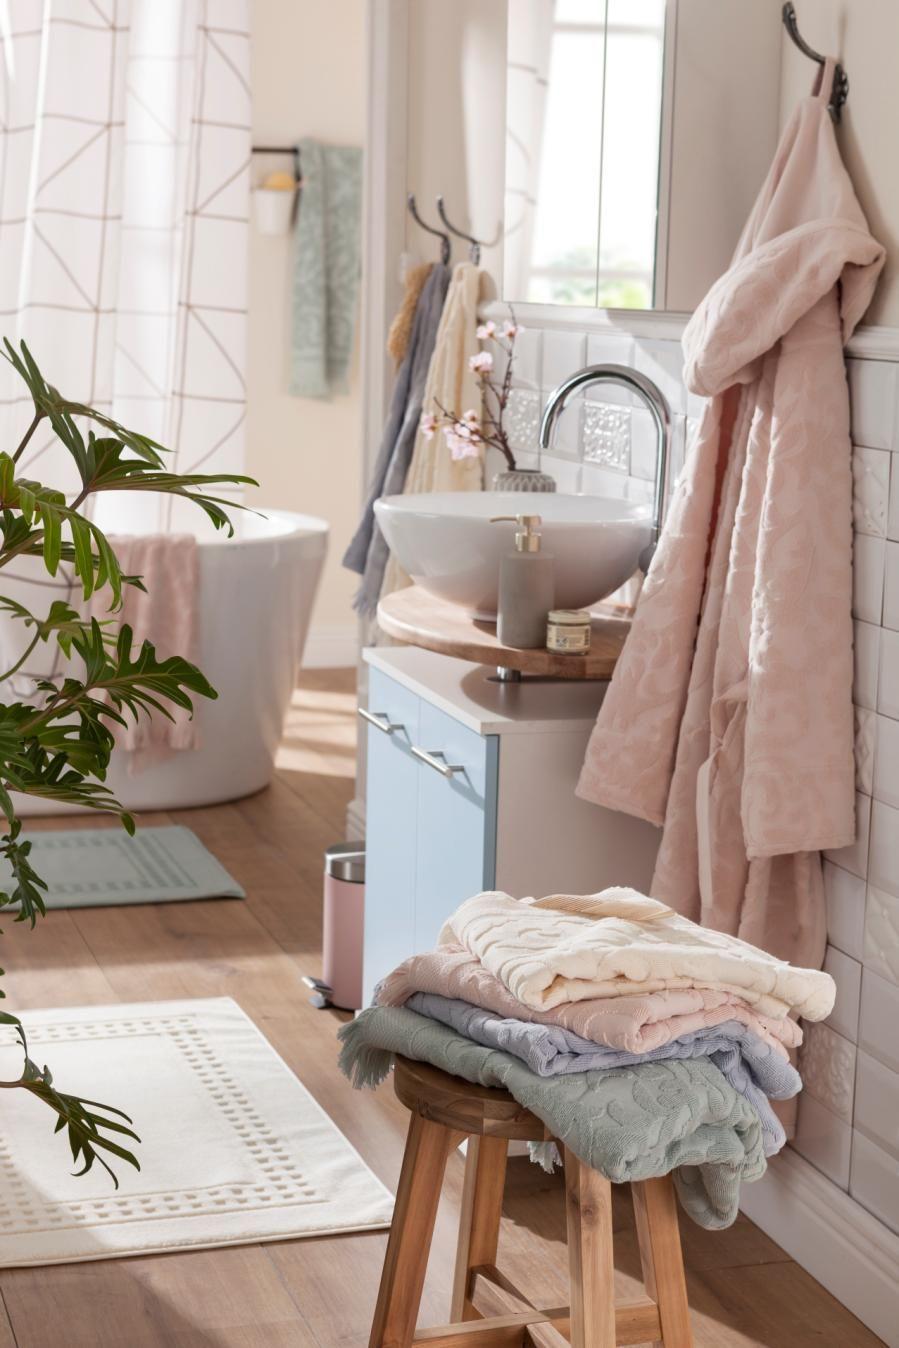 Zarte pastellt ne bringen edle harmonie ins badezimmer das badetuch und der bademantel mit - Edle badezimmer ...